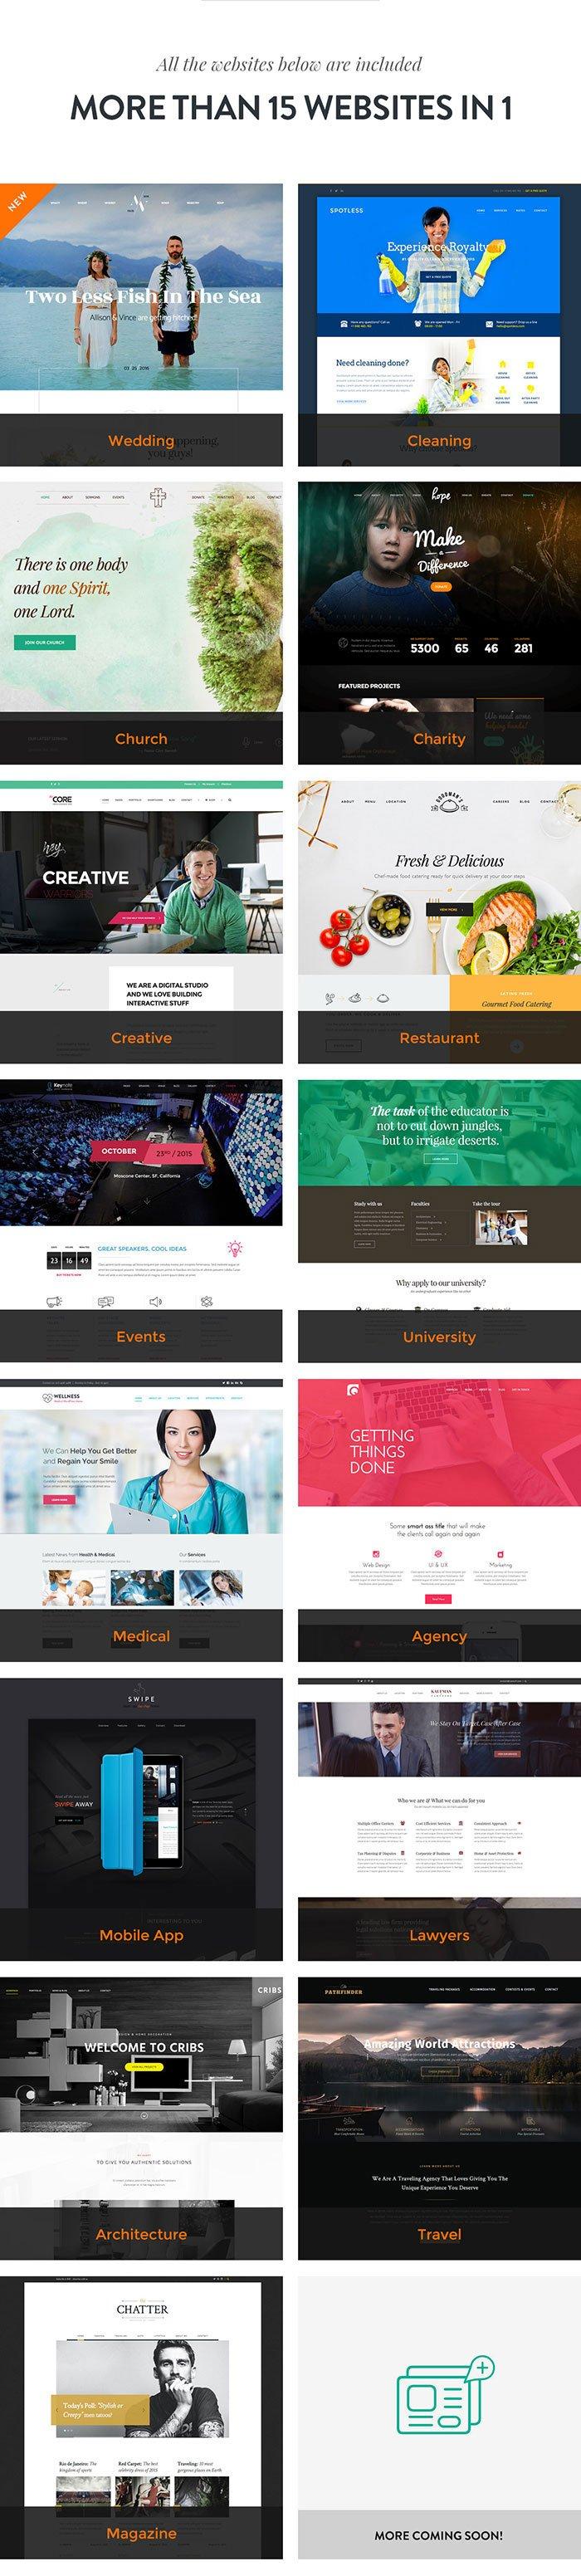 The-Core-WordPress-Theme-15-in-1